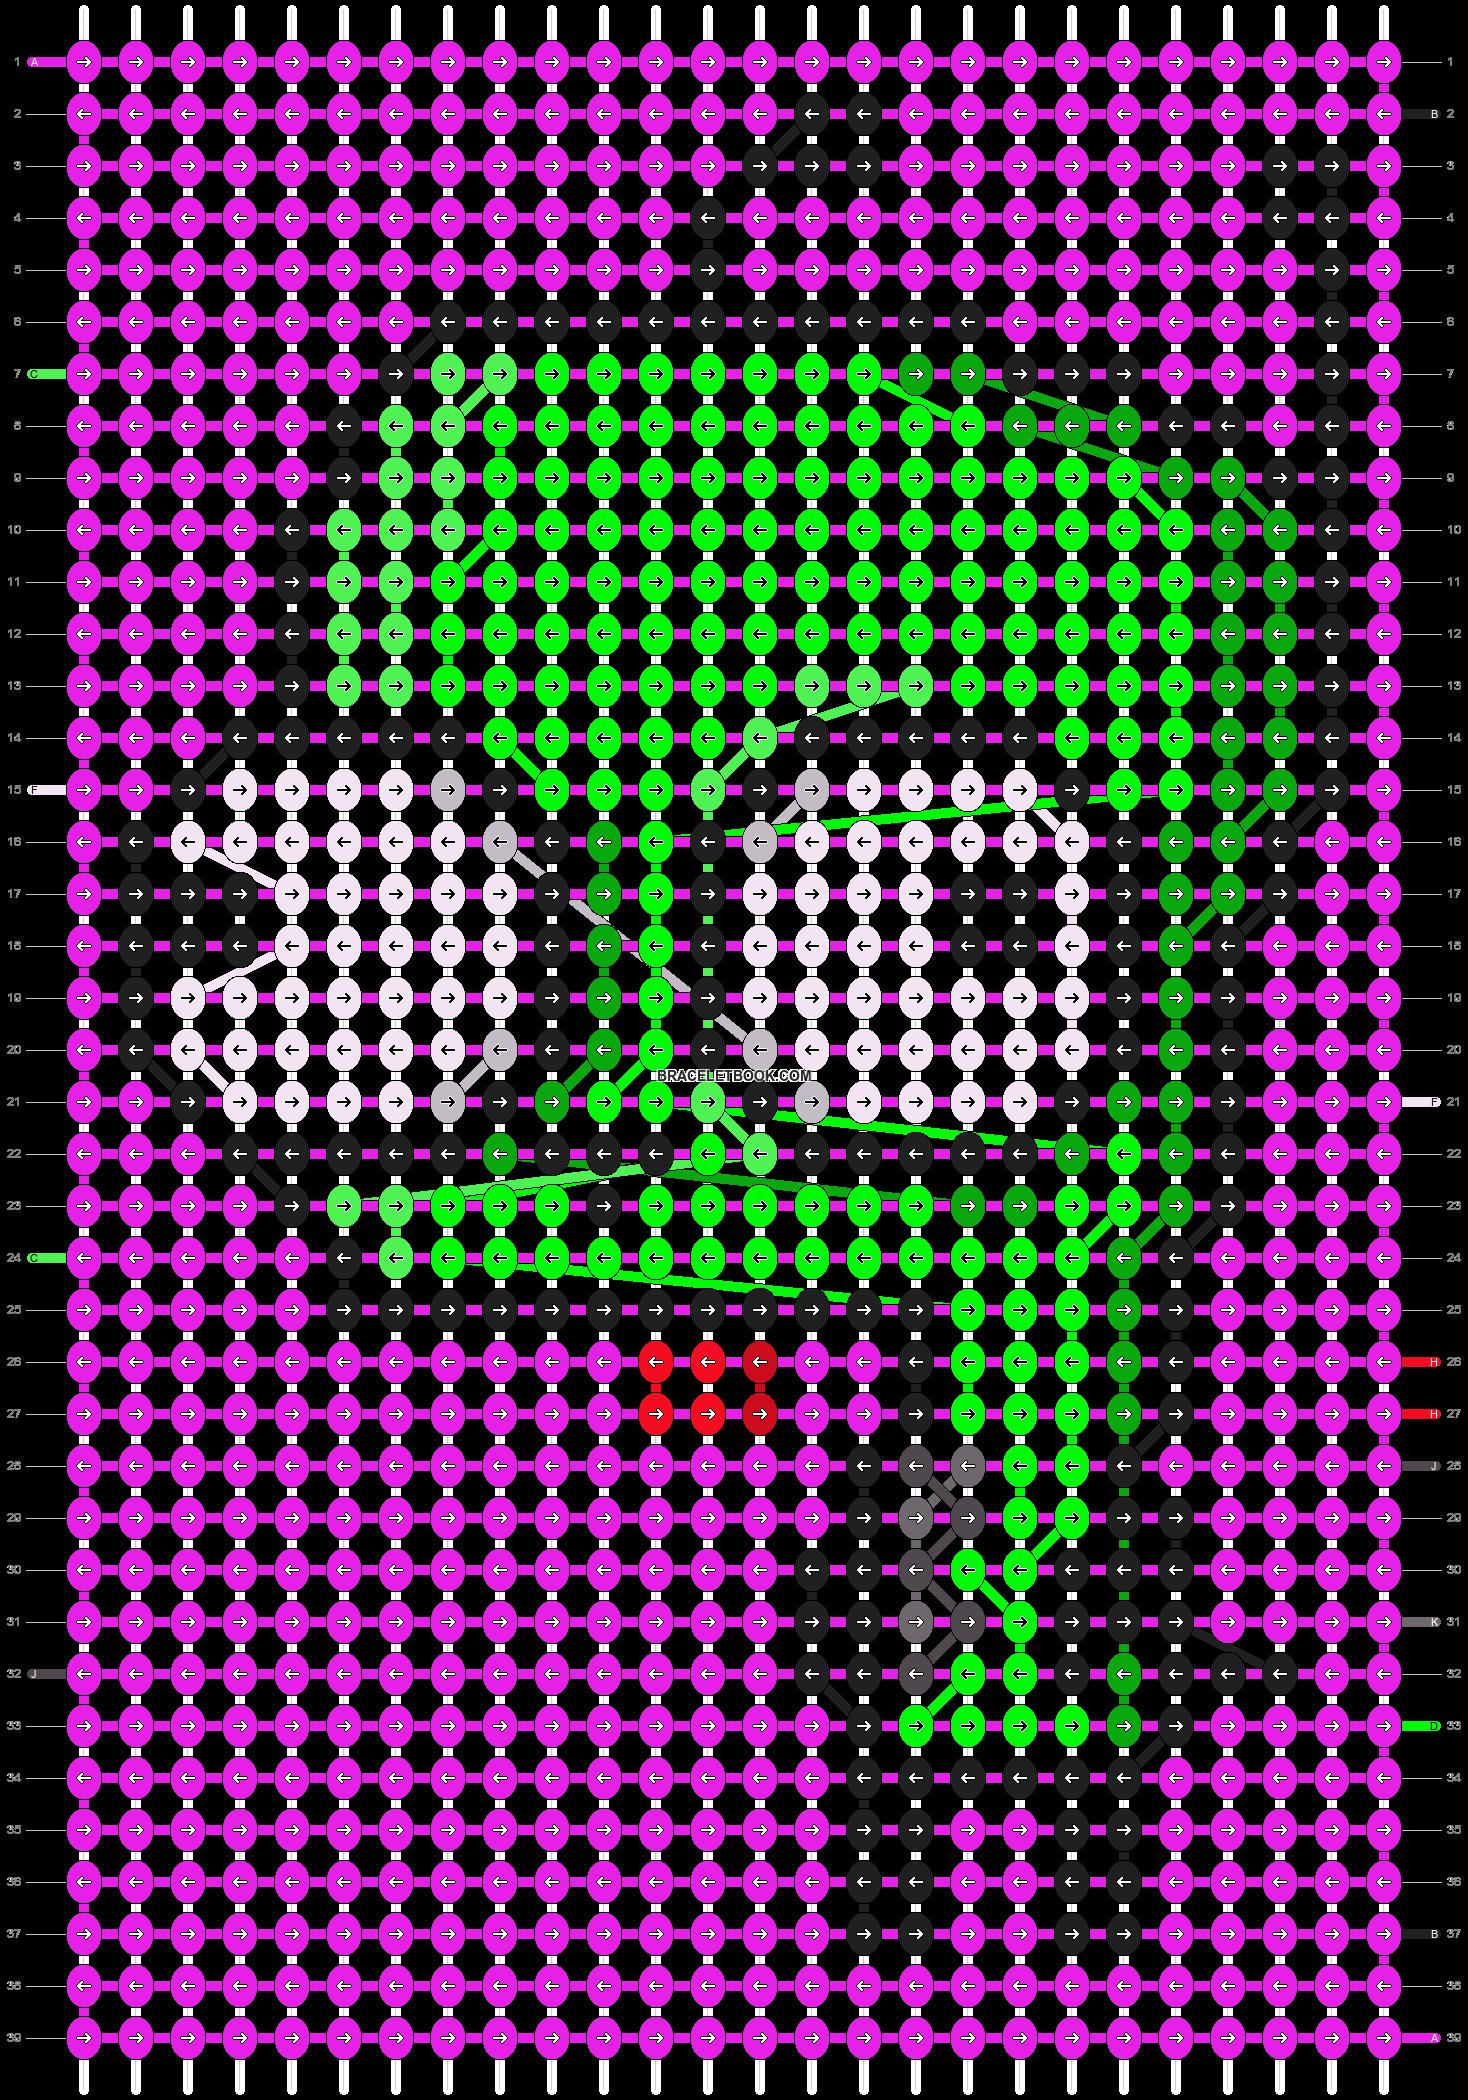 Alpha Pattern #21046 added by monkielvr